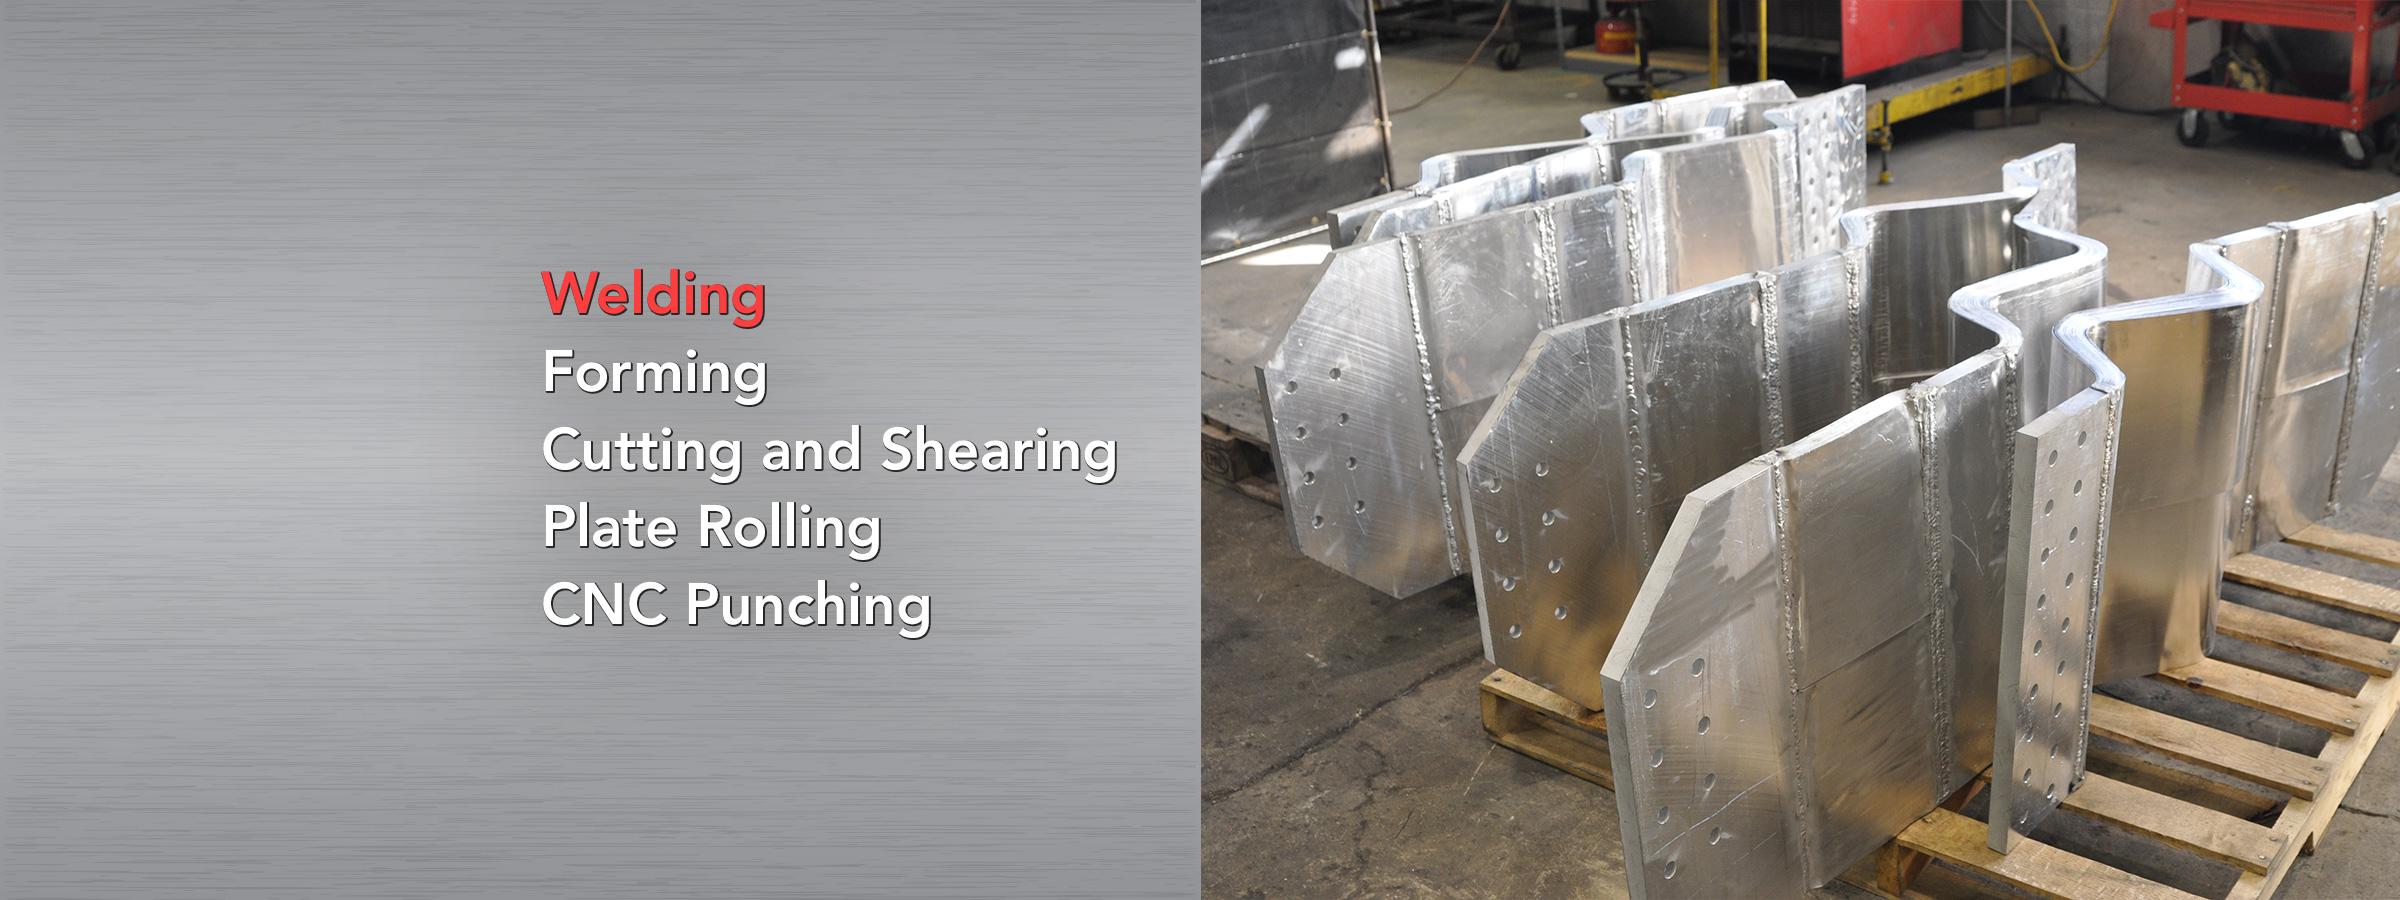 slider-2015-welding